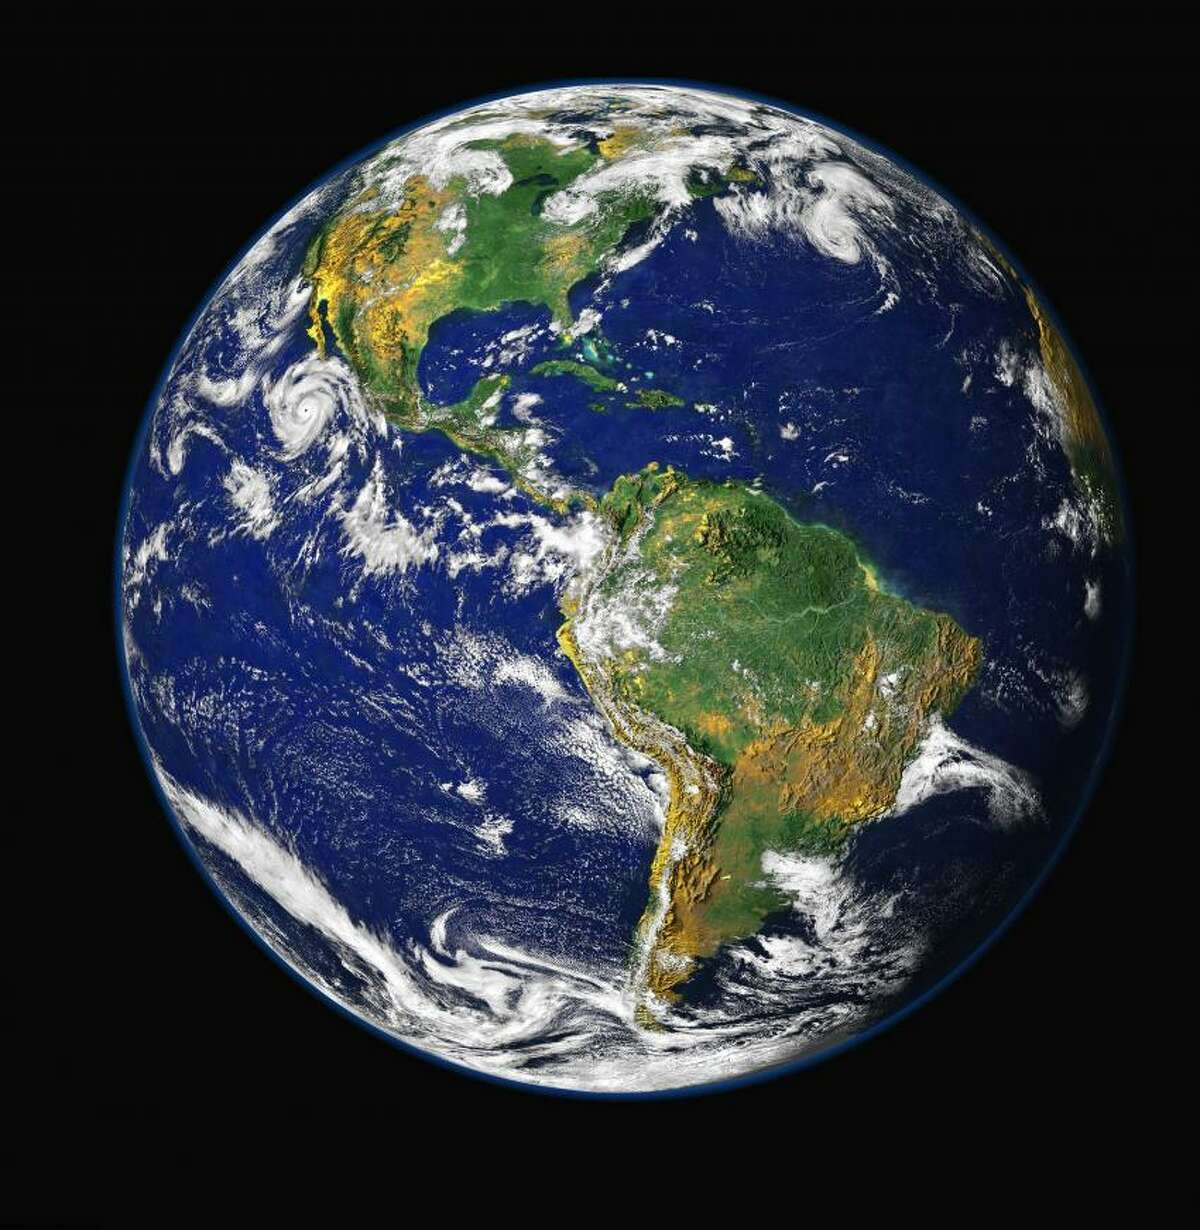 The Earth looking green. Credit: NASA